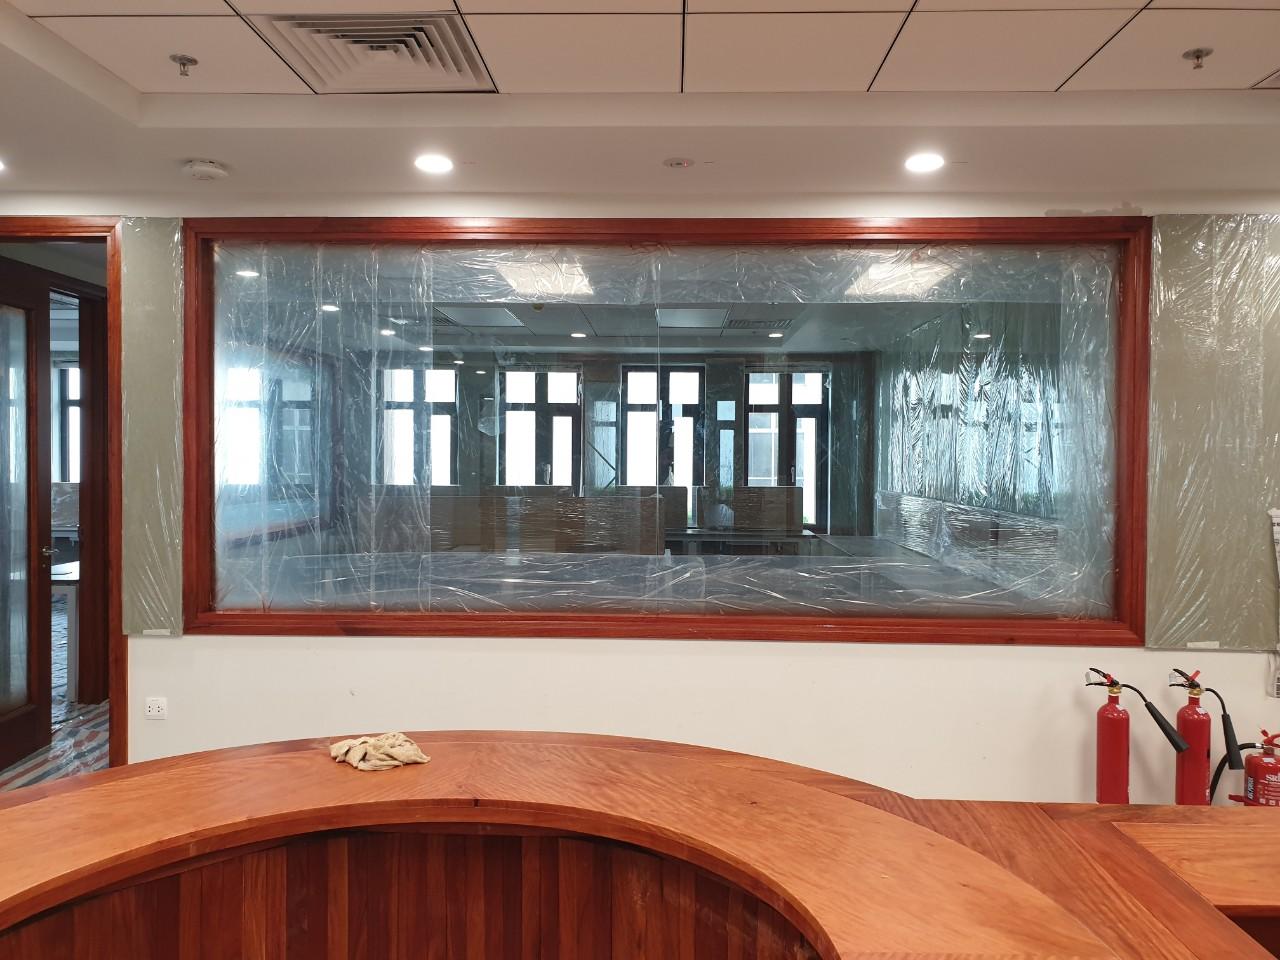 Văn phòng làm việc công ty sản xuất gỗ, quảng bá cho thương hiệu đơn vị mình